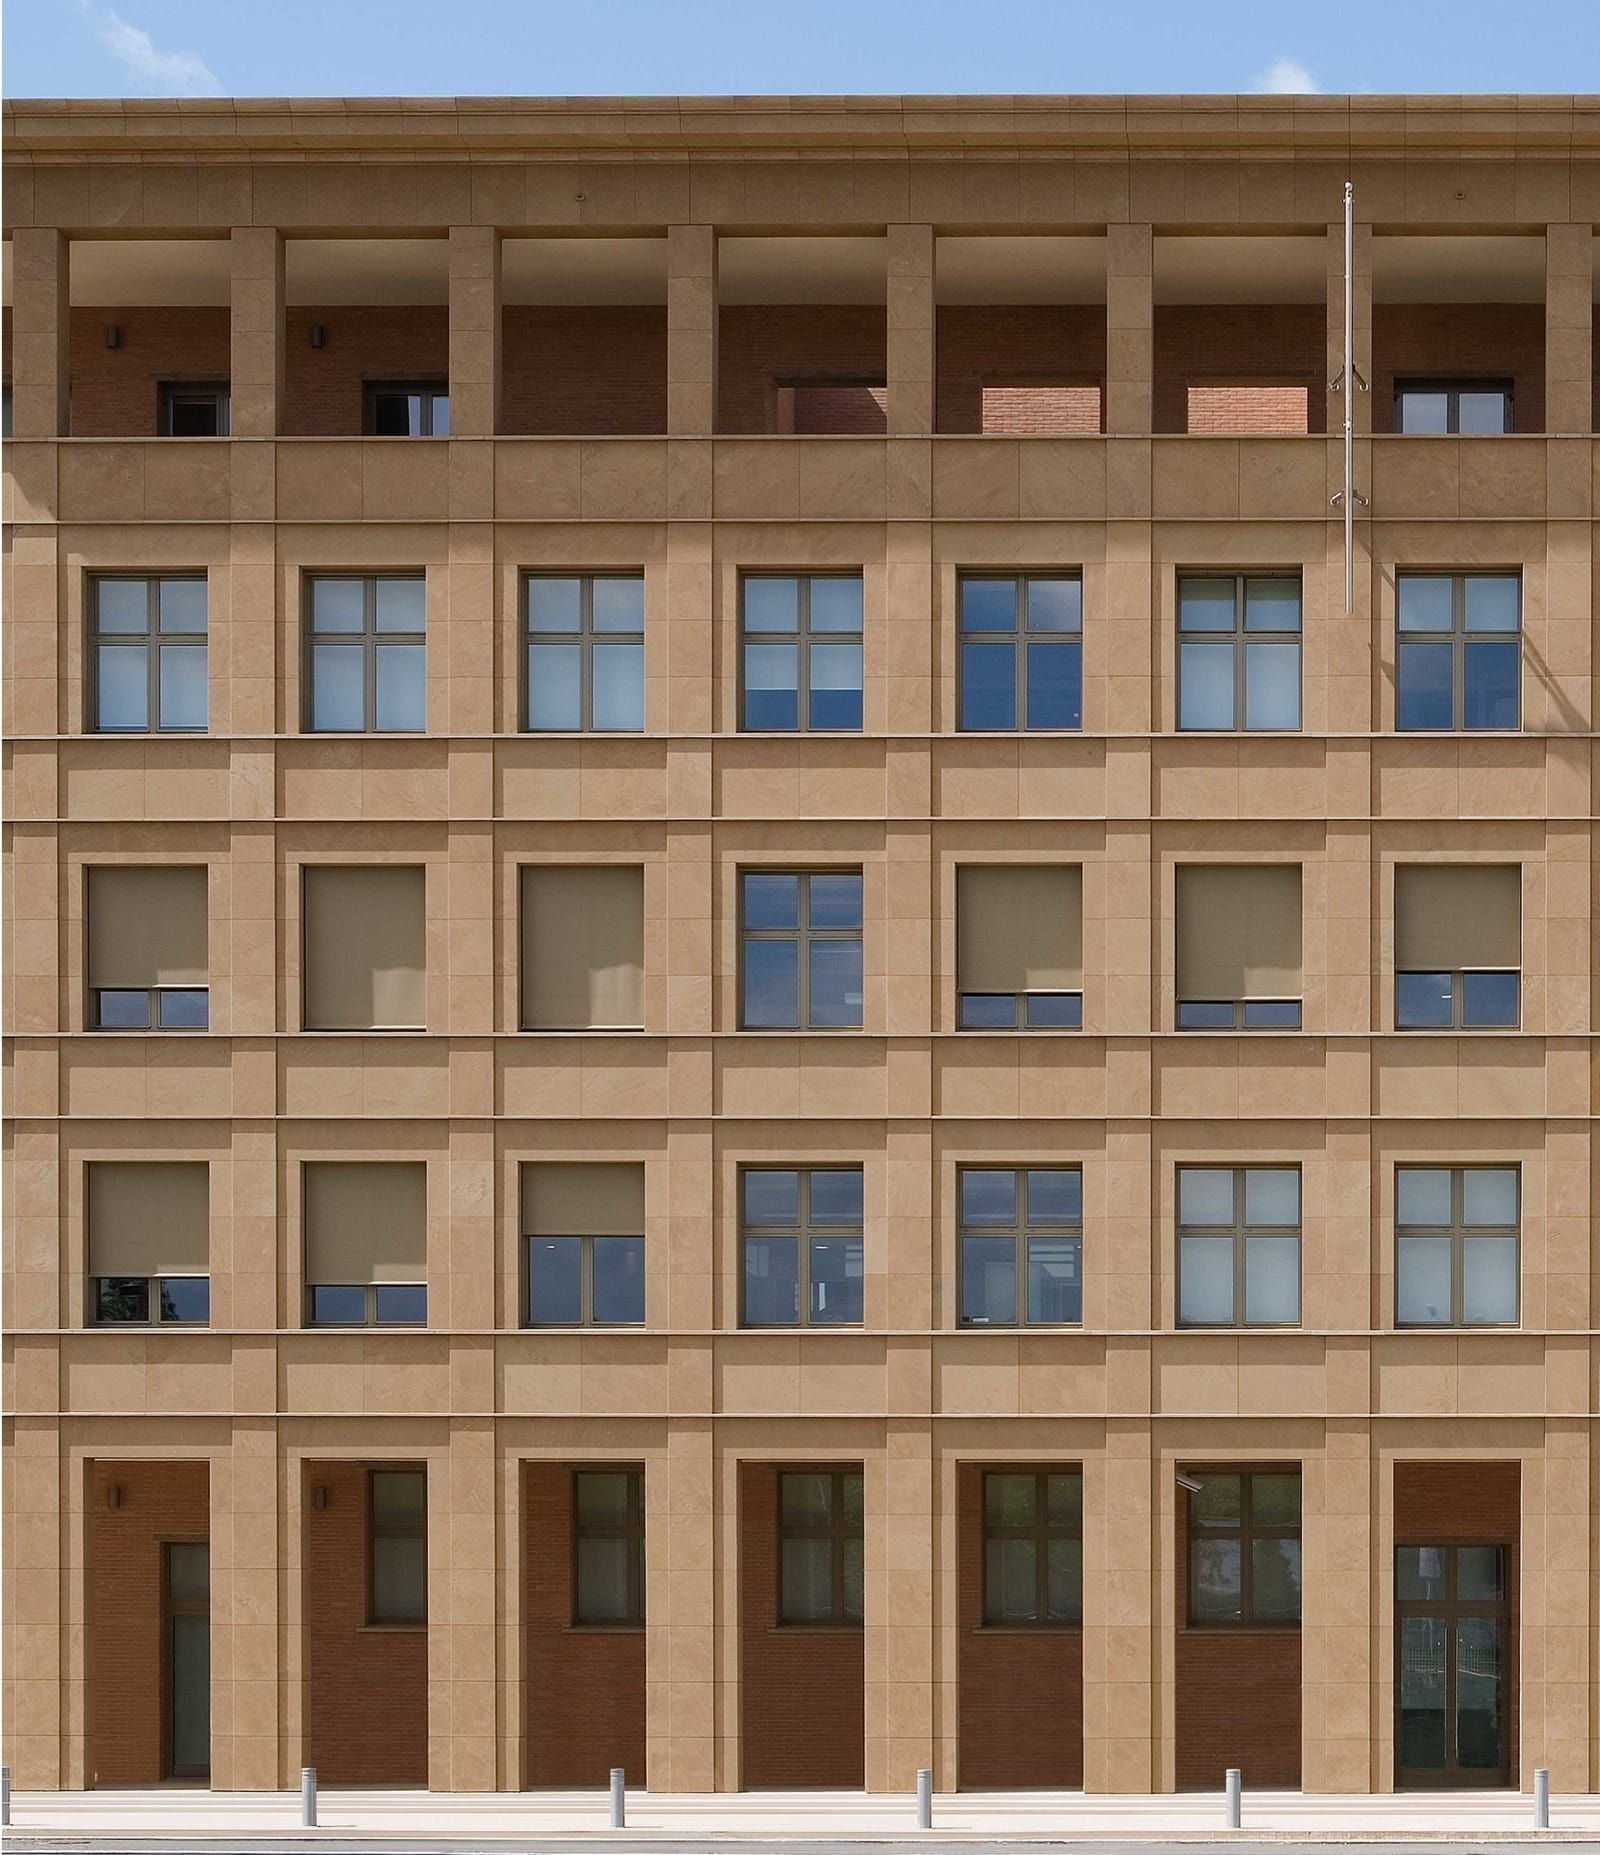 Giorgio Grassi · Nuova sede della Cassa di Risparmio di Firenze architecture Pinterest